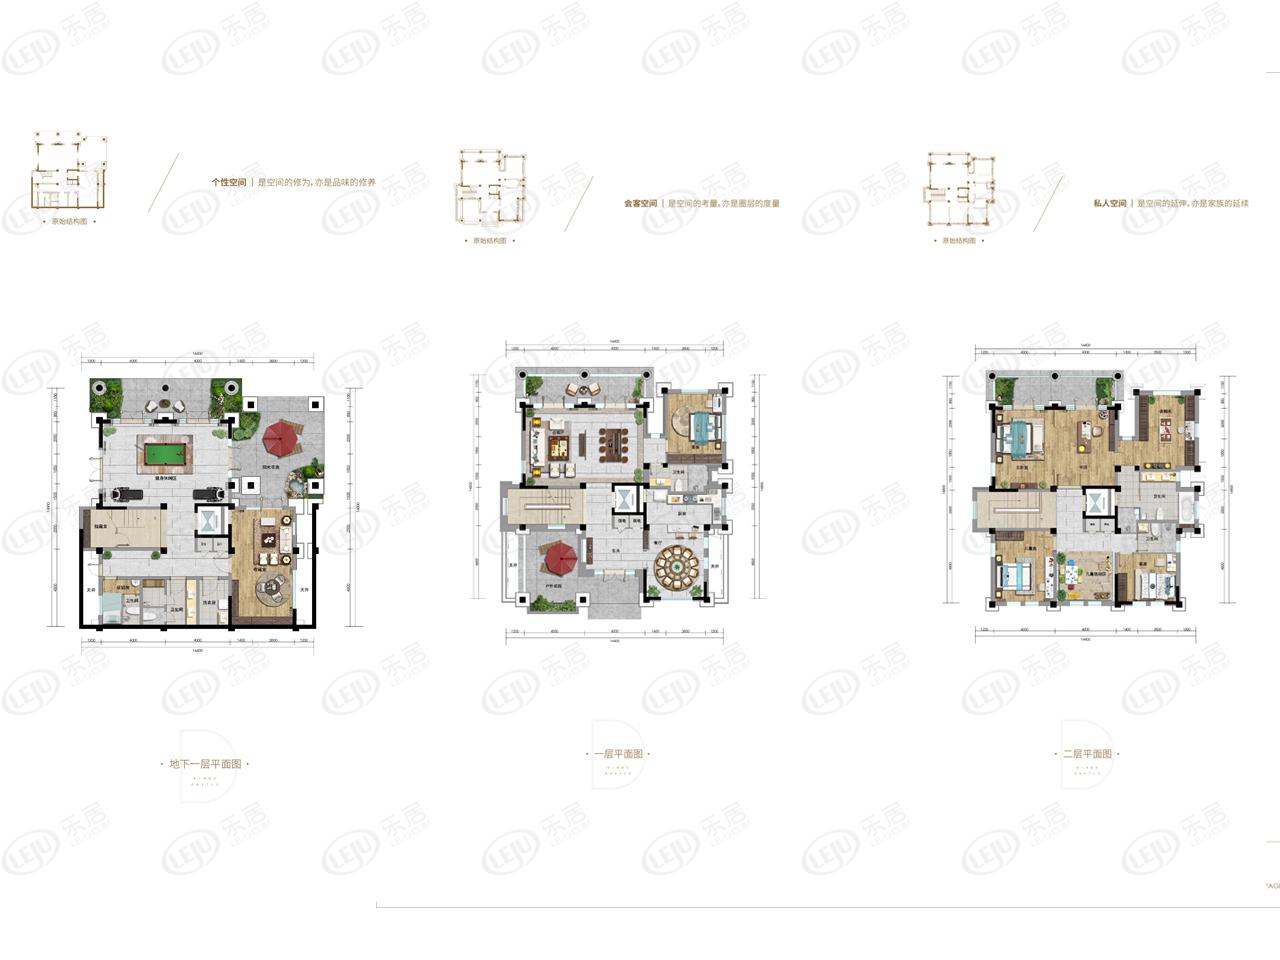 好住|三层空间满足你的所有想象!悦海一品海景别墅D户型揭秘!